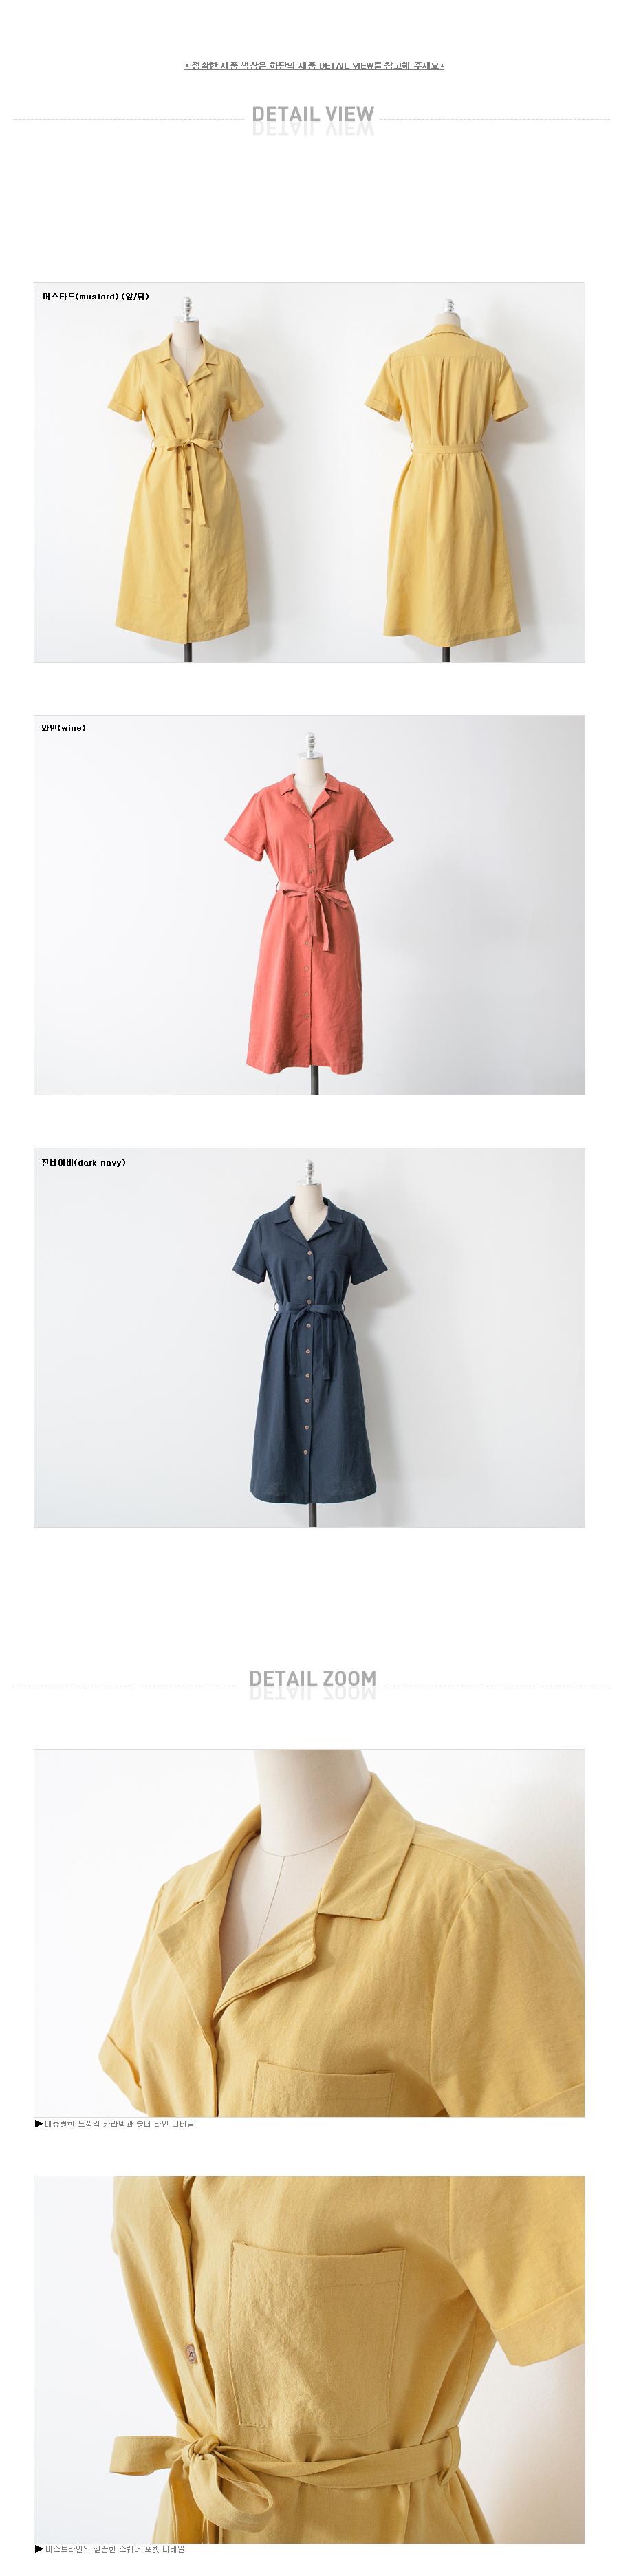 Makers Collar Neck Linen Dress #34627